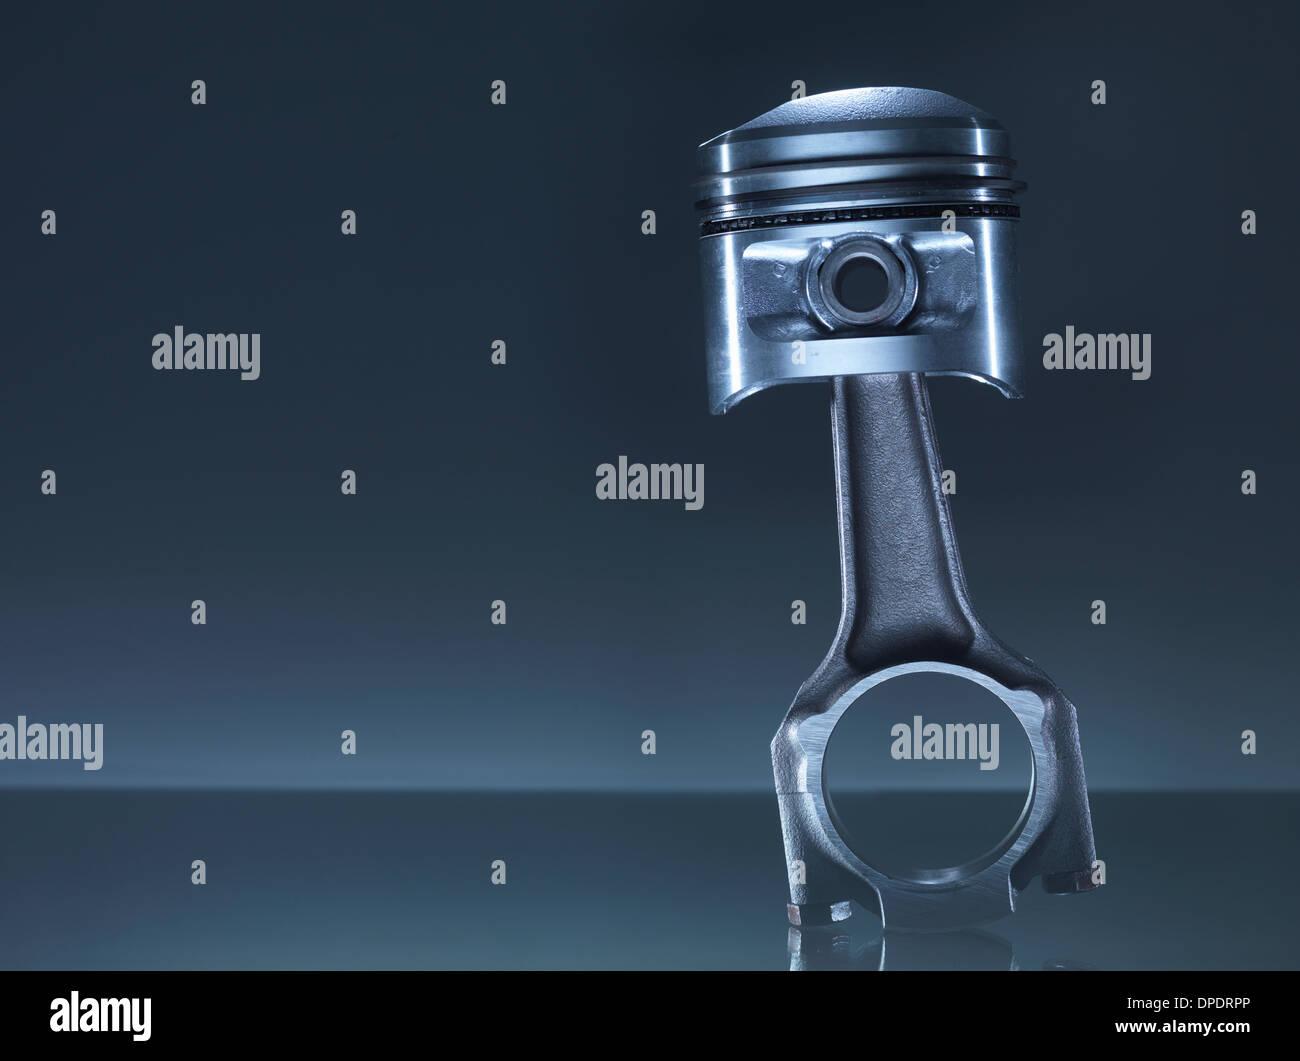 Car engine piston on grey background - Stock Image